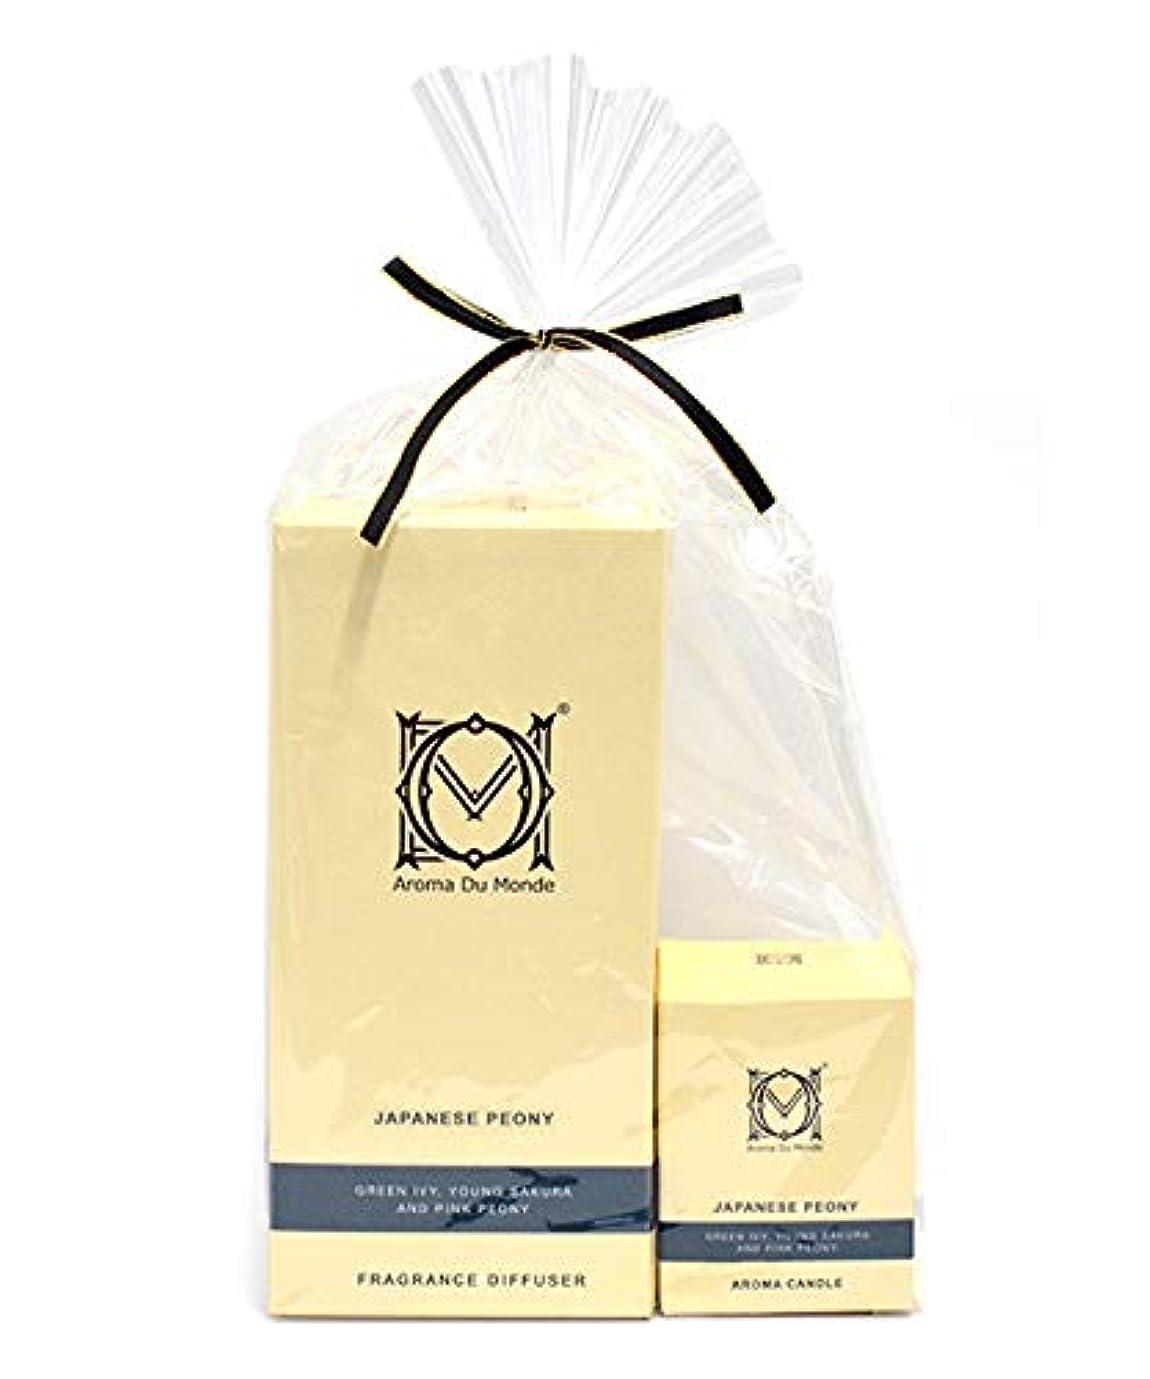 学校うまくいけば伝染性フレグランスディフューザー&キャンドル JPピオニー セット Aroma Du Monde/ADM Fragrance Diffuser & Candle Japanese Peony Set 81158